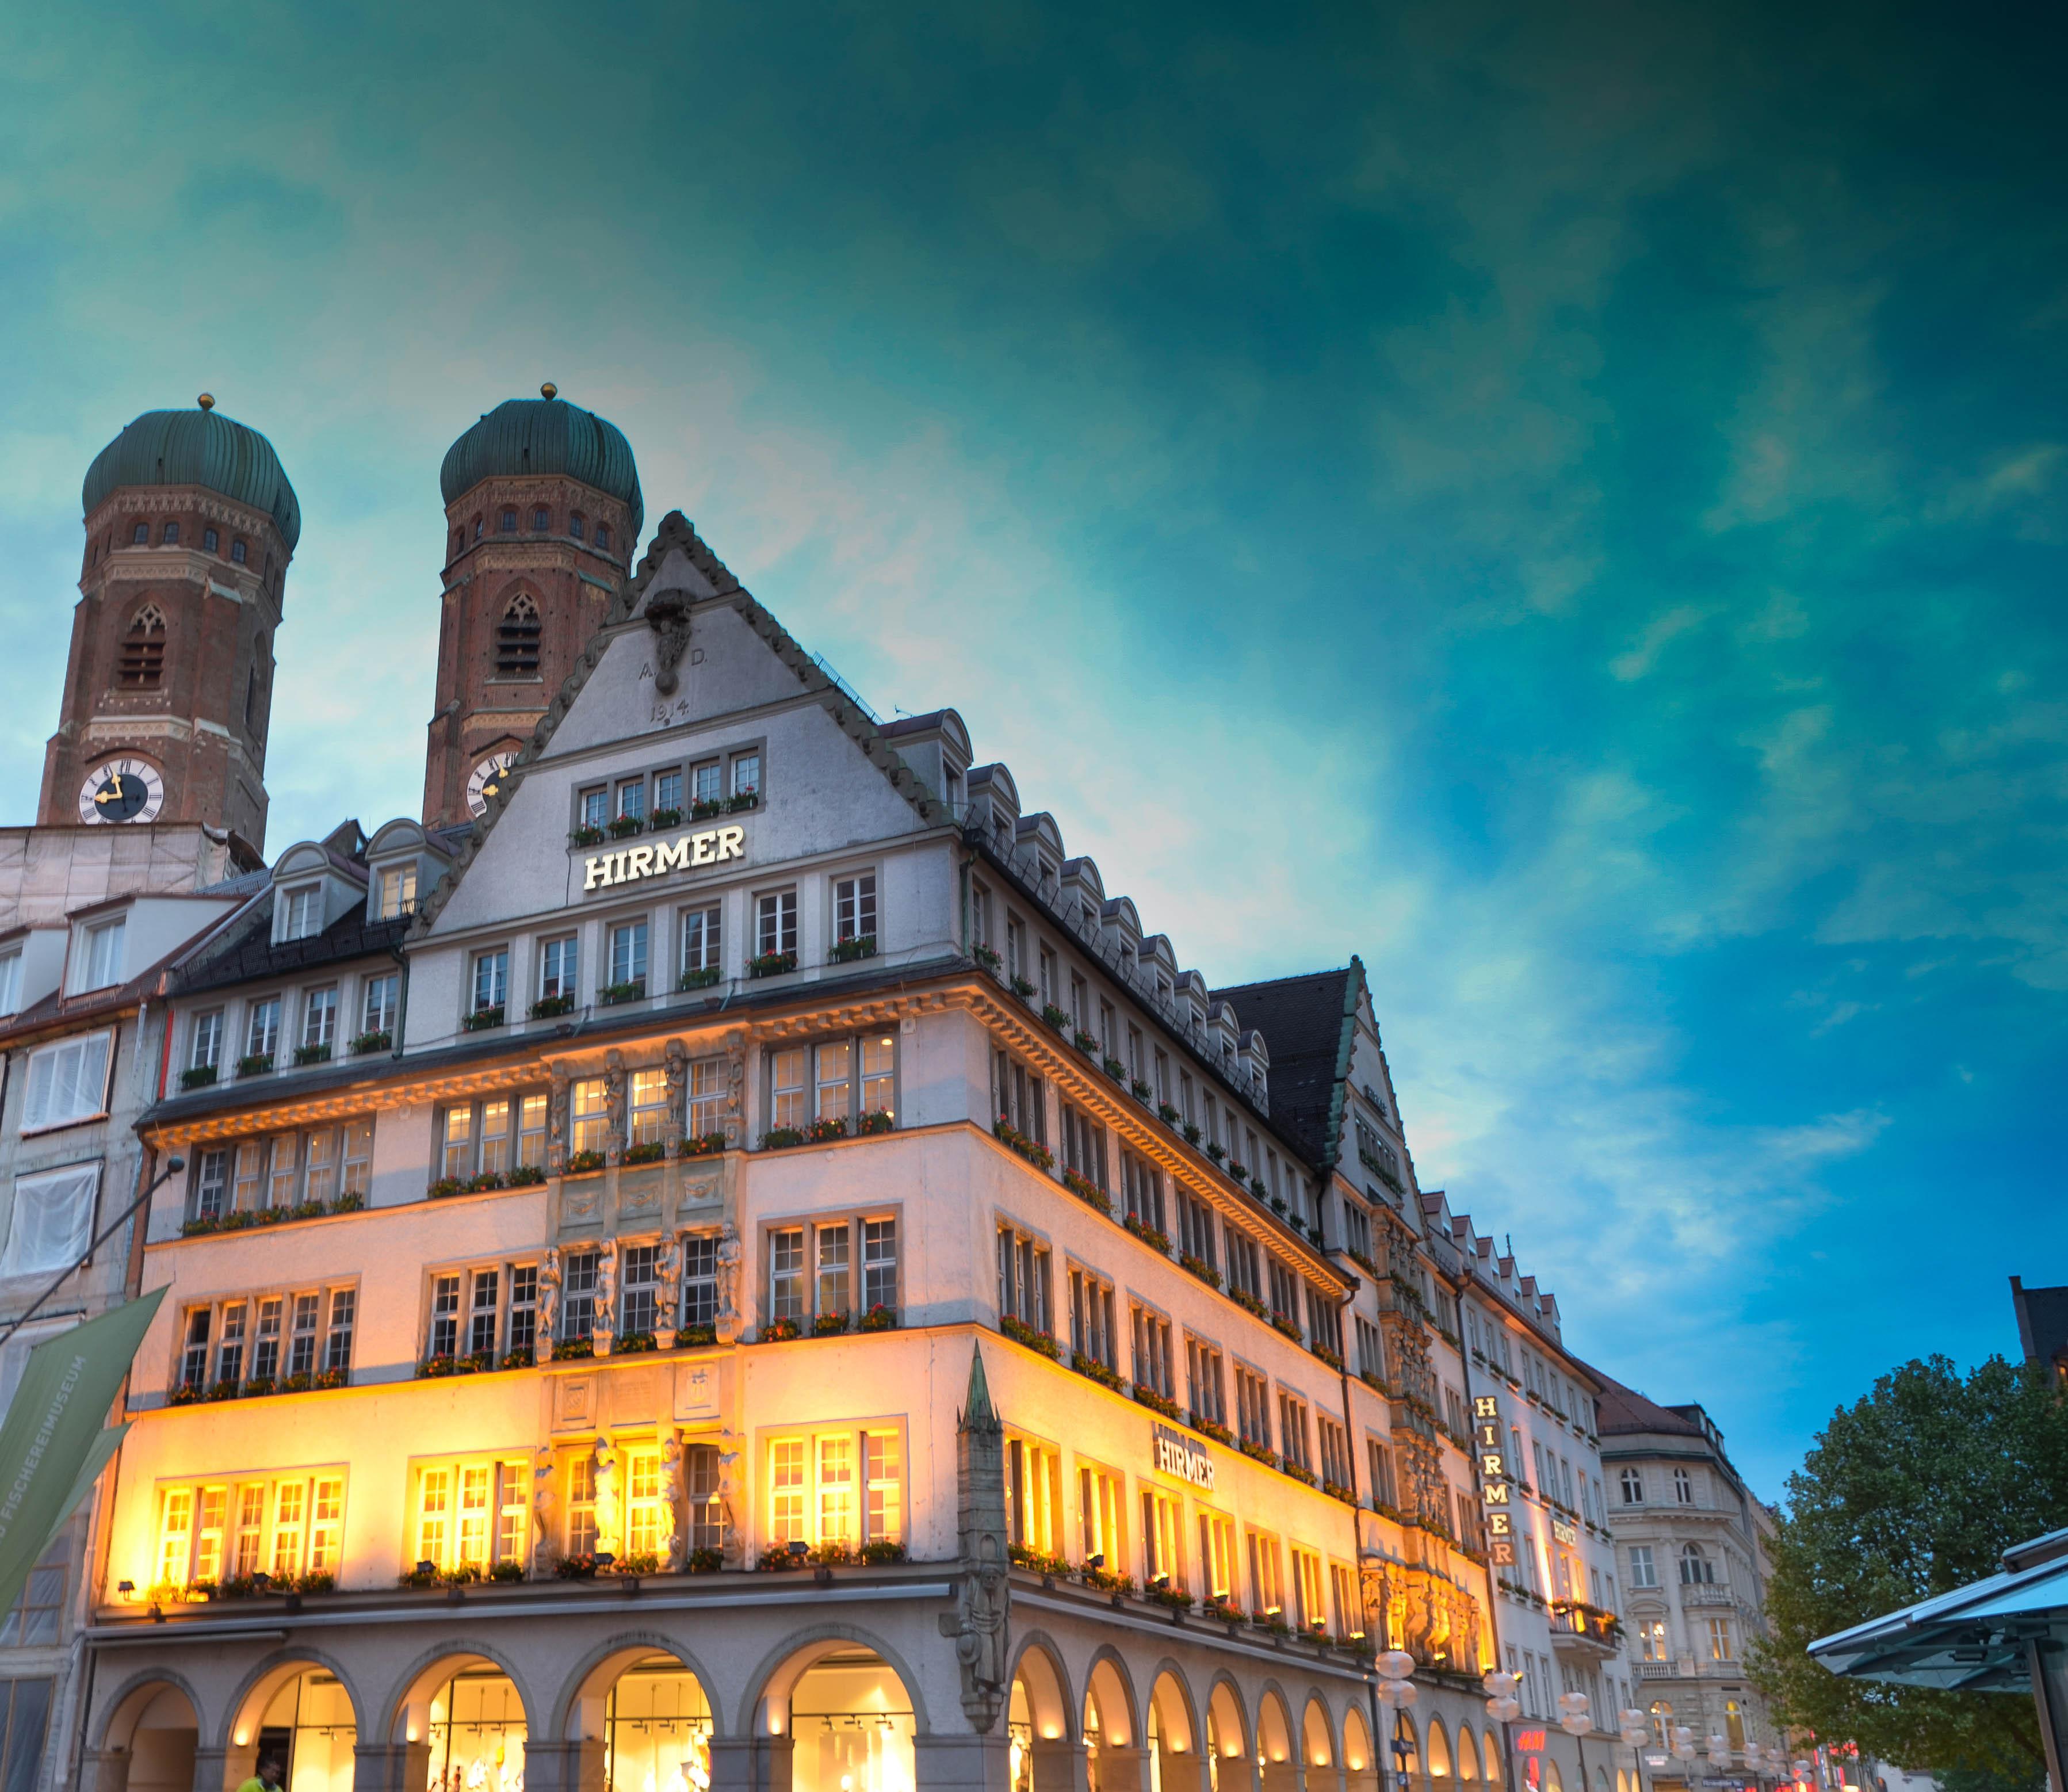 Hirmer Building 2013 Munich